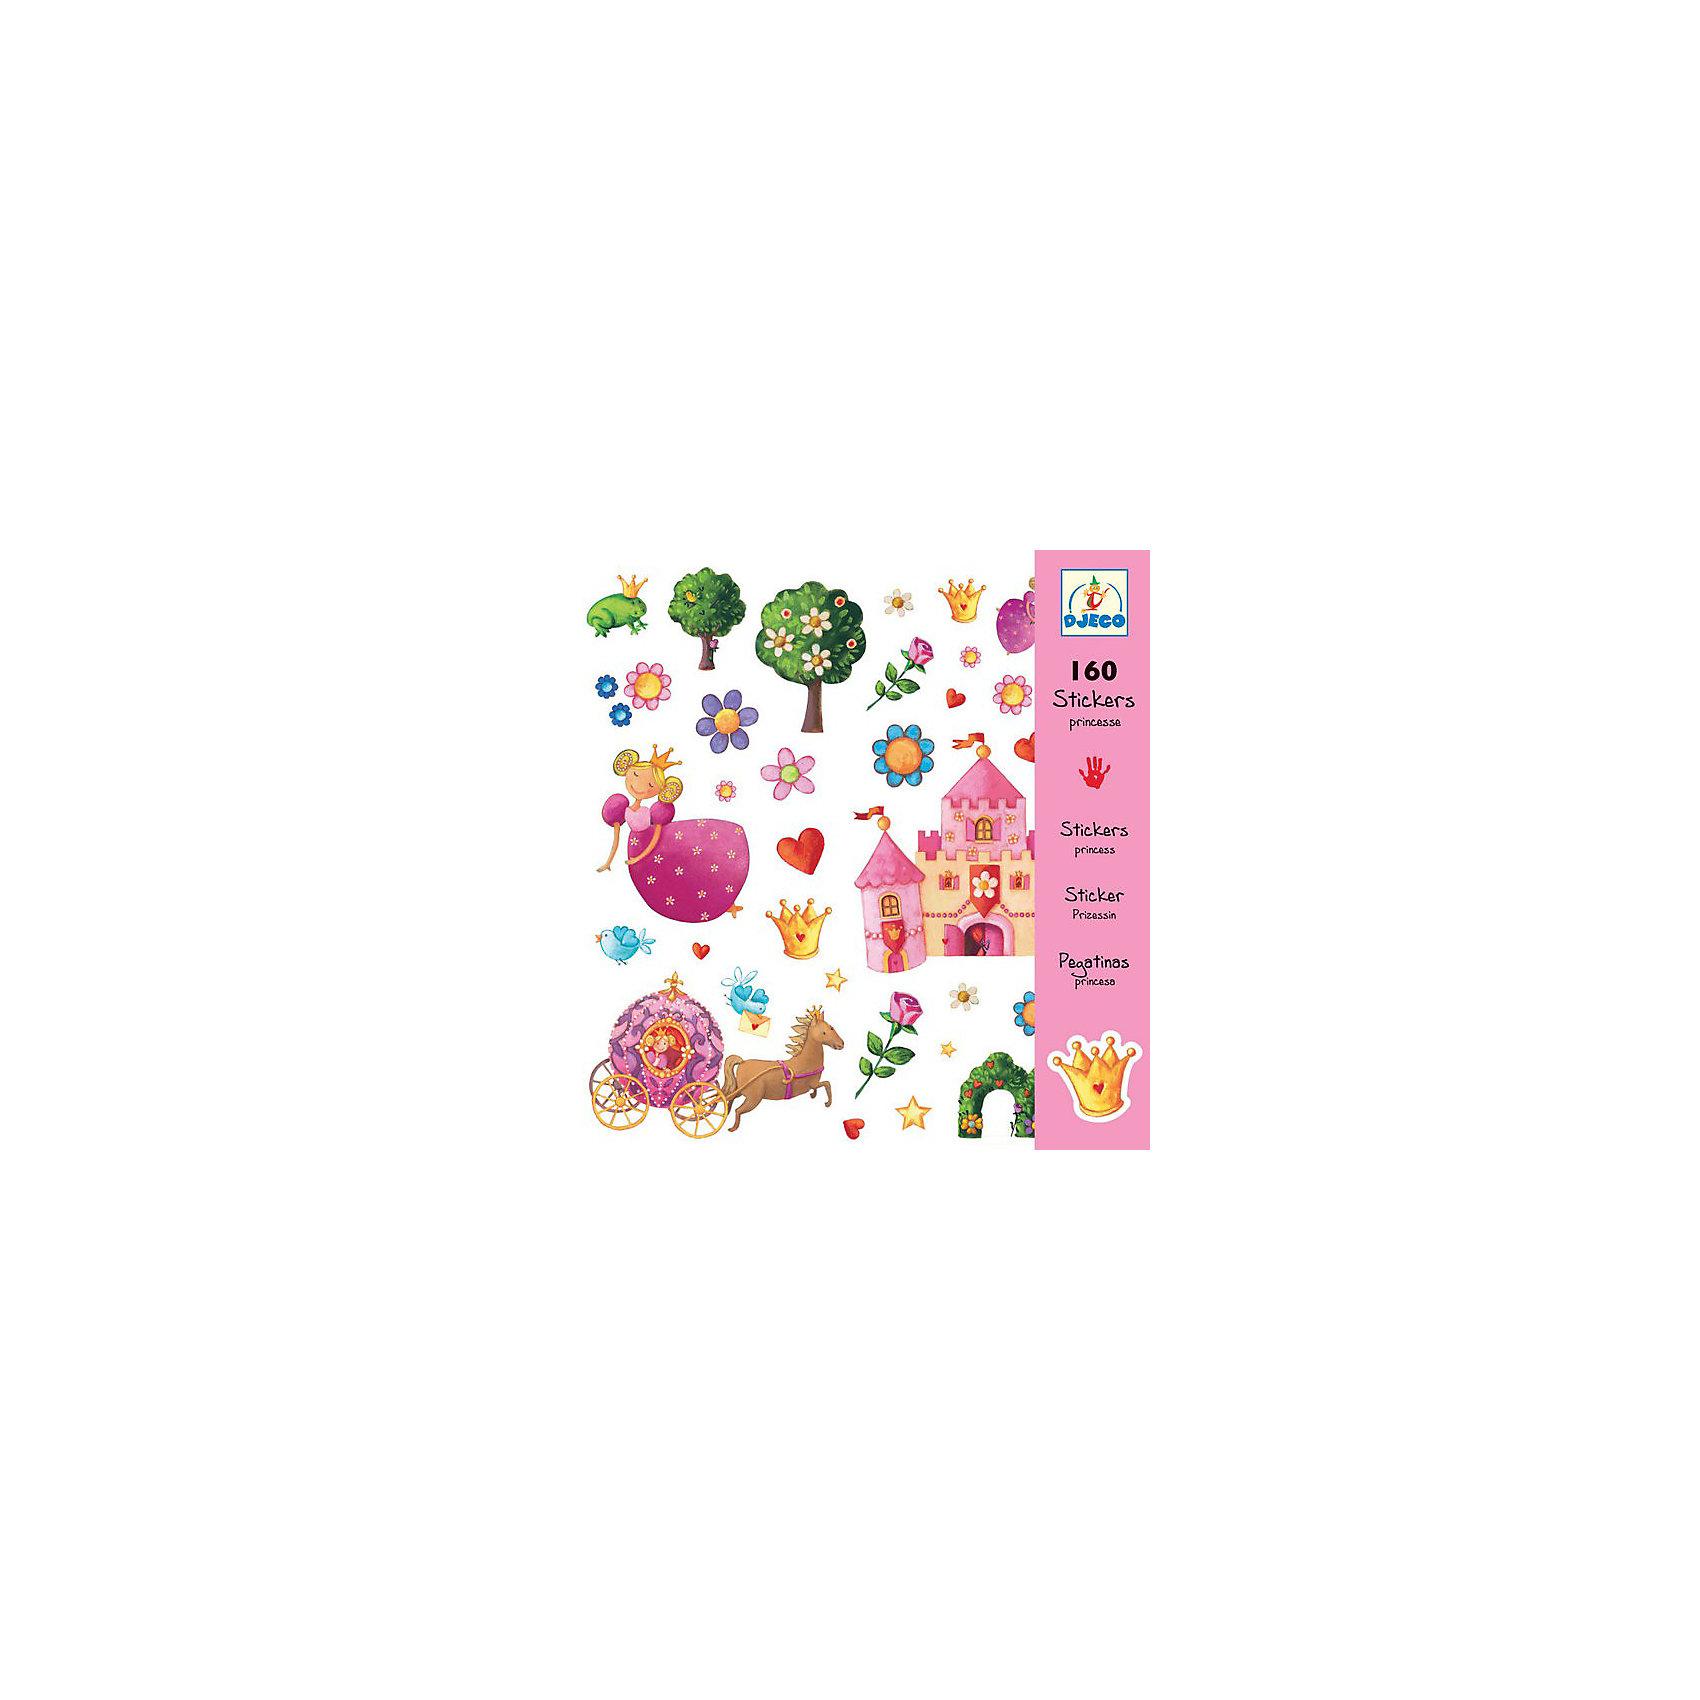 DJECO Набор из 160 наклеек, ПринцессыТворчество для малышей<br>Эти очаровательные наклейки украсят любую тетрадь, папку или приглашение на детский праздник! В наборе 160 наклеек.<br><br>DJECO (Джеко) Набор из 160 наклеек, Принцессы можно купить в нашем магазине.<br><br>Ширина мм: 210<br>Глубина мм: 230<br>Высота мм: 2<br>Вес г: 50<br>Возраст от месяцев: 36<br>Возраст до месяцев: 60<br>Пол: Женский<br>Возраст: Детский<br>SKU: 2175161